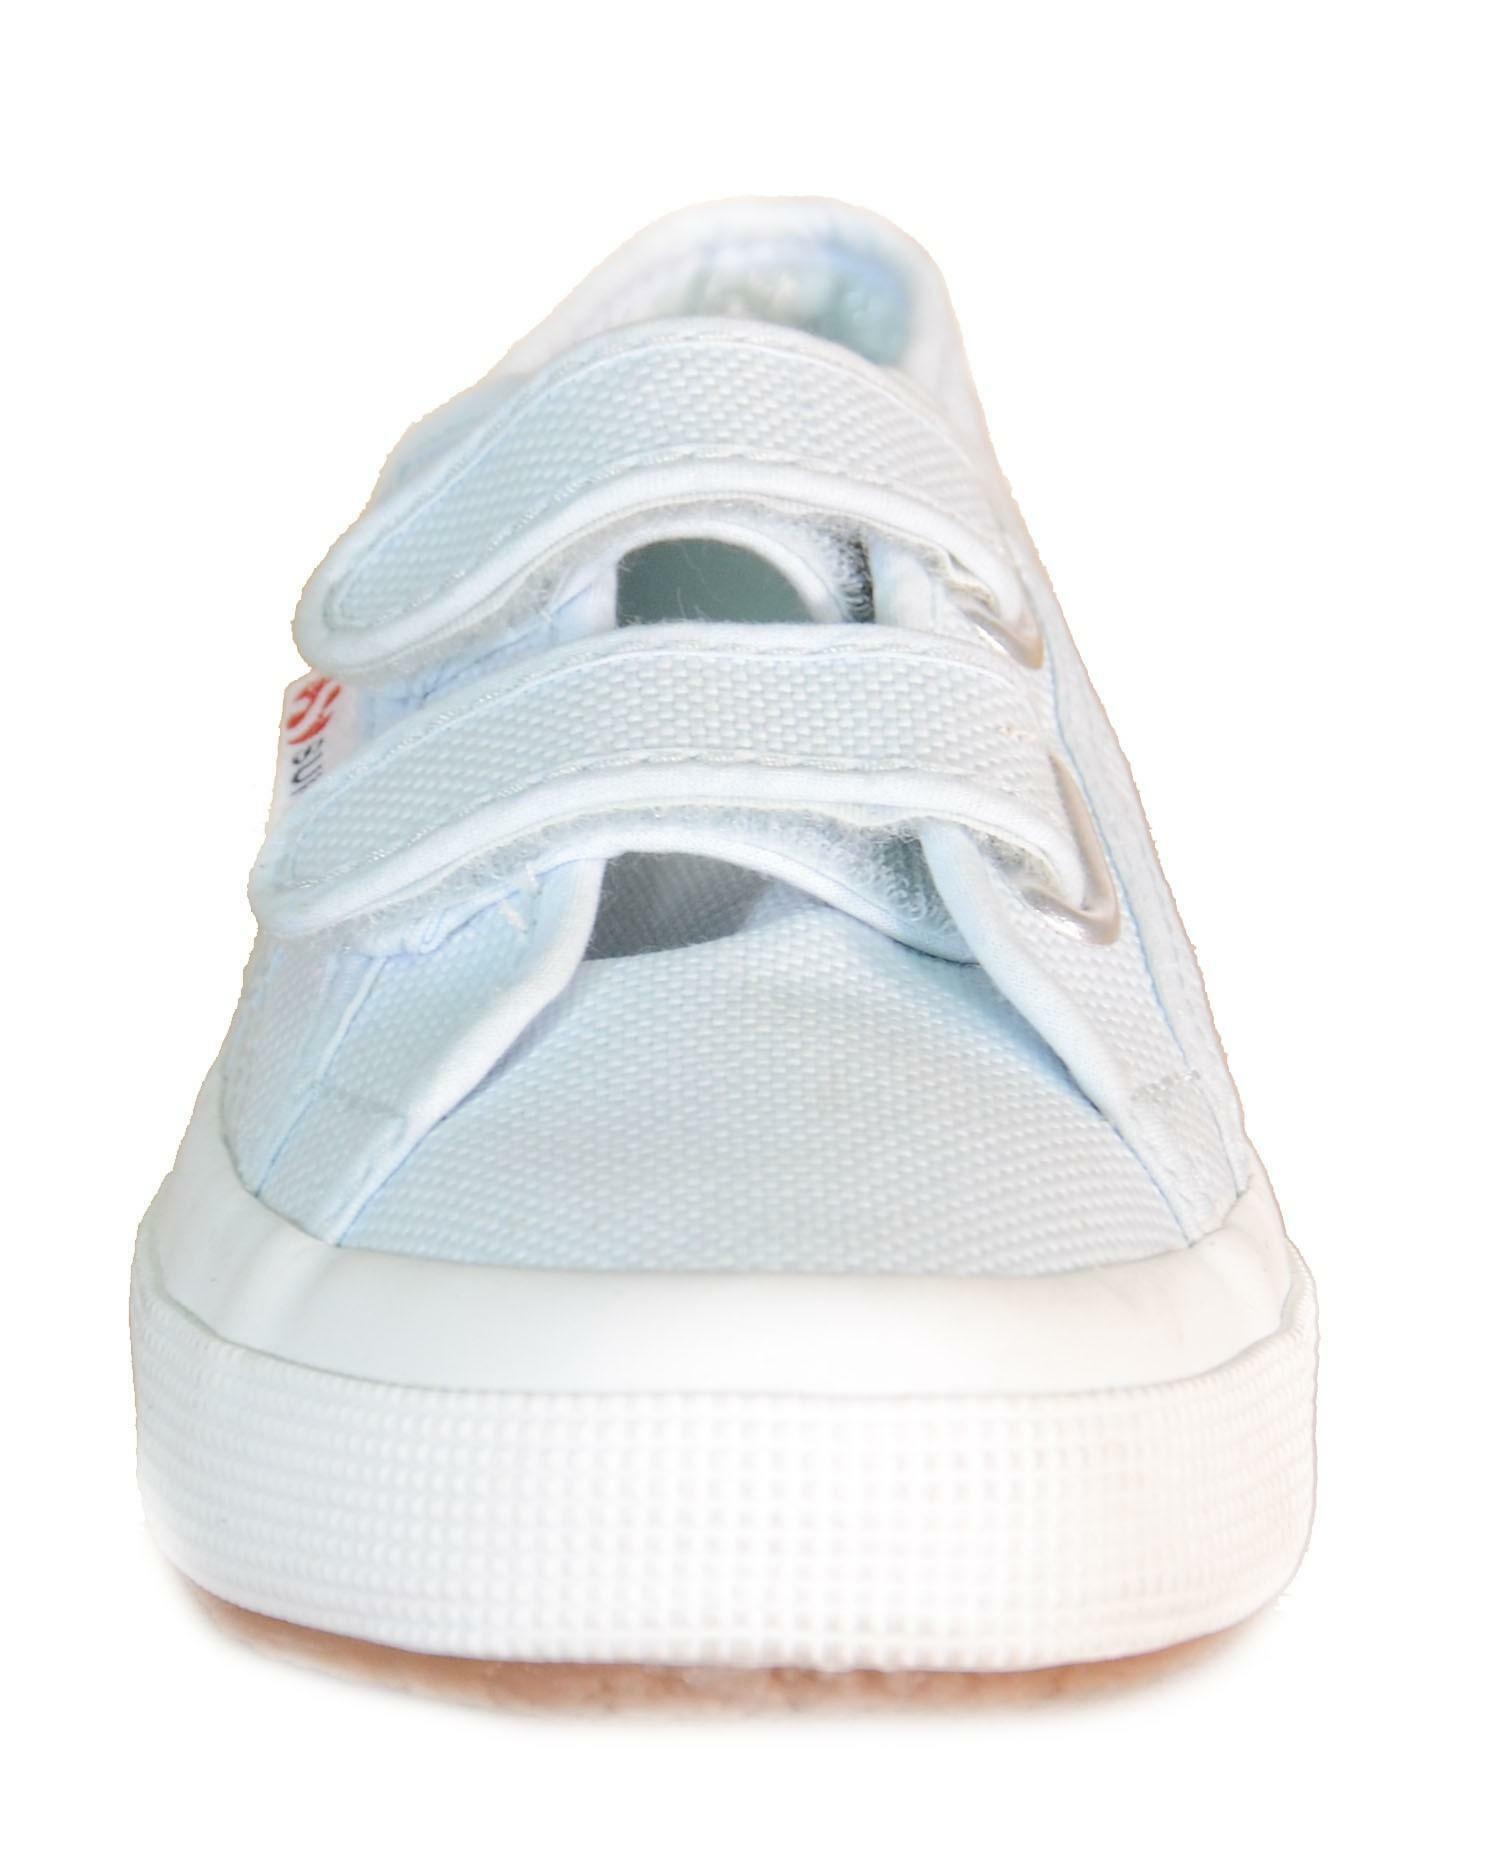 superga superga jvel classic scarpe sportive bambino azzurro tela strappi 932